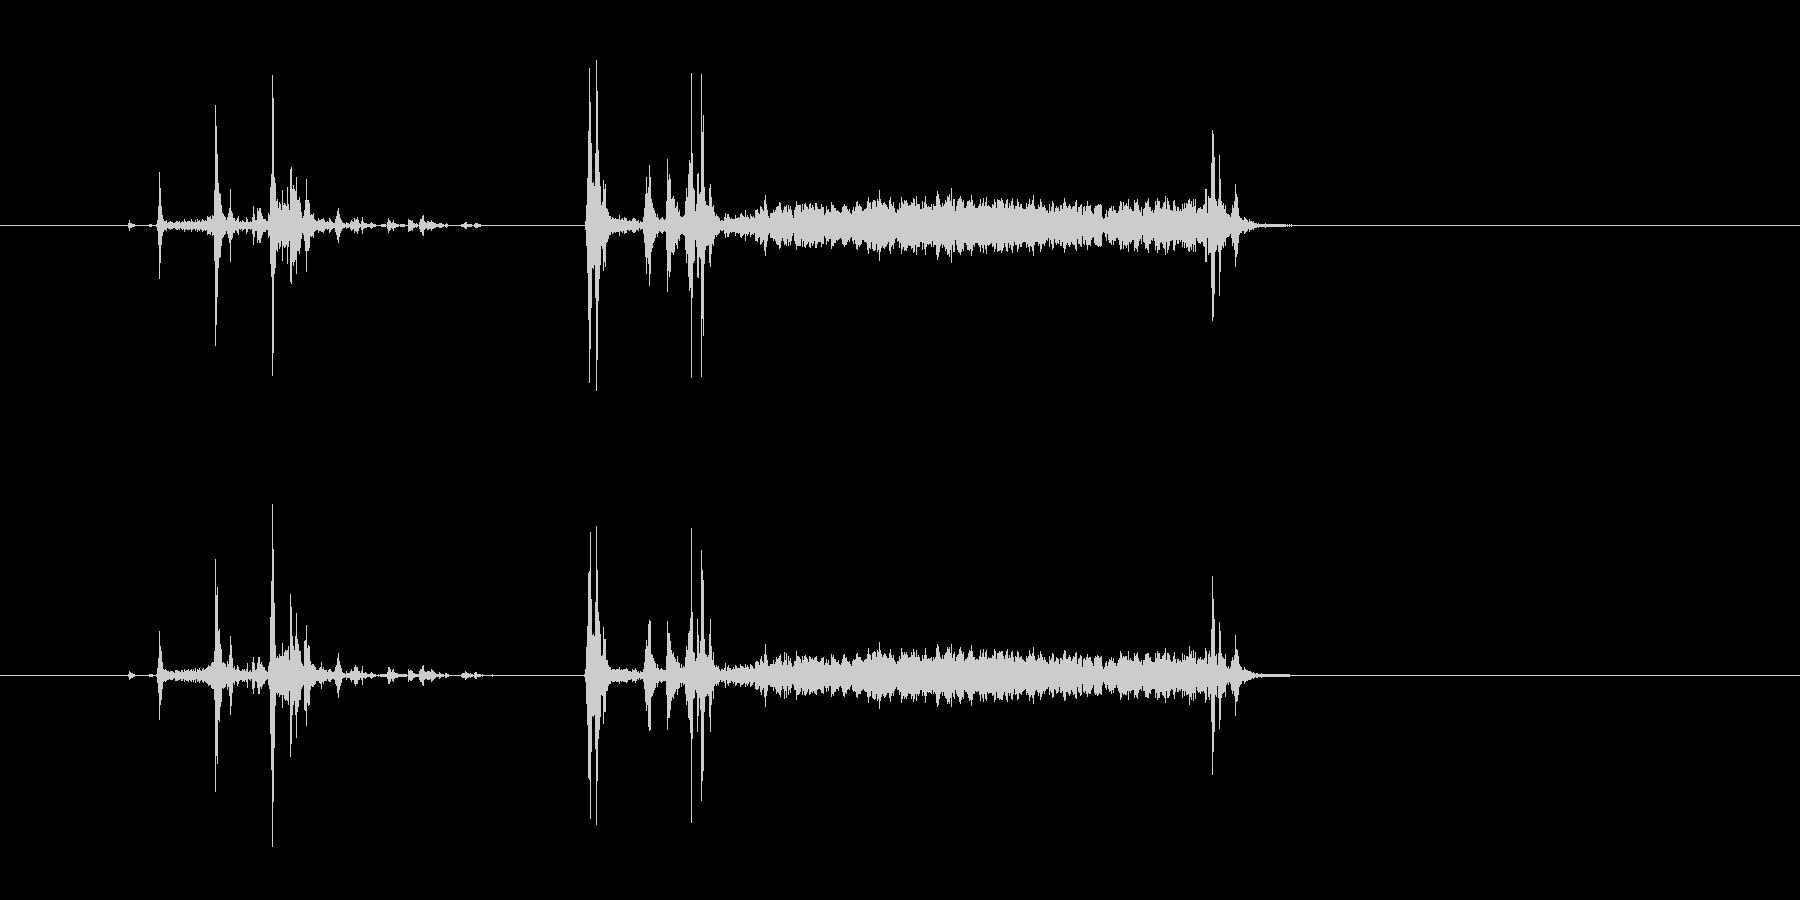 フィルムカメラ シャッター音の未再生の波形